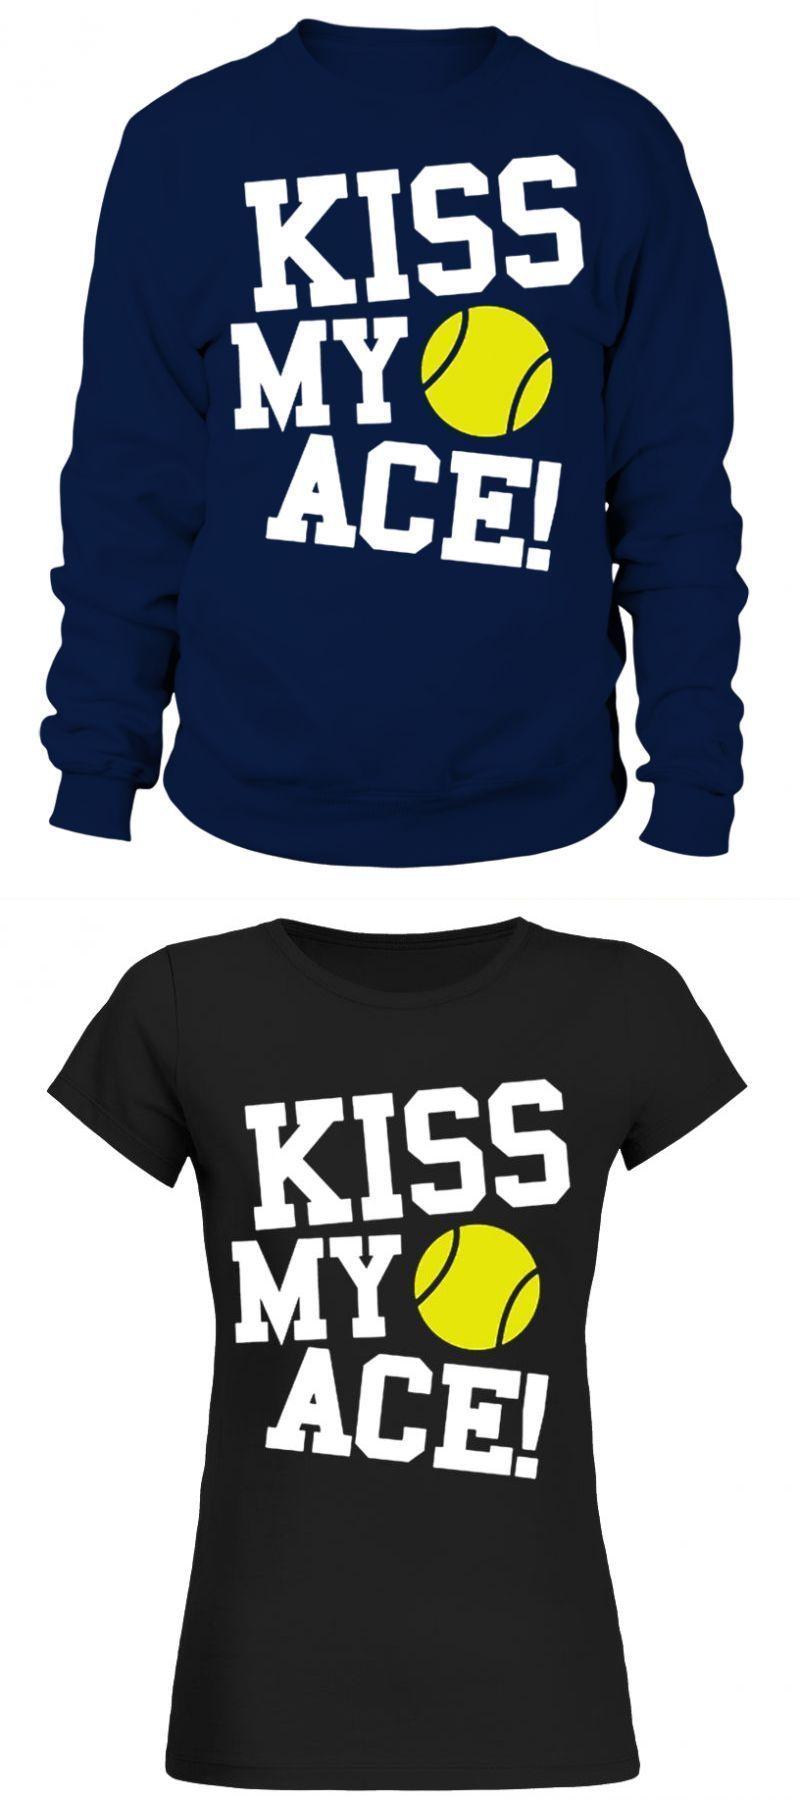 Tennis team t shirt ideas tennis ball sports tennis player tshirt ...